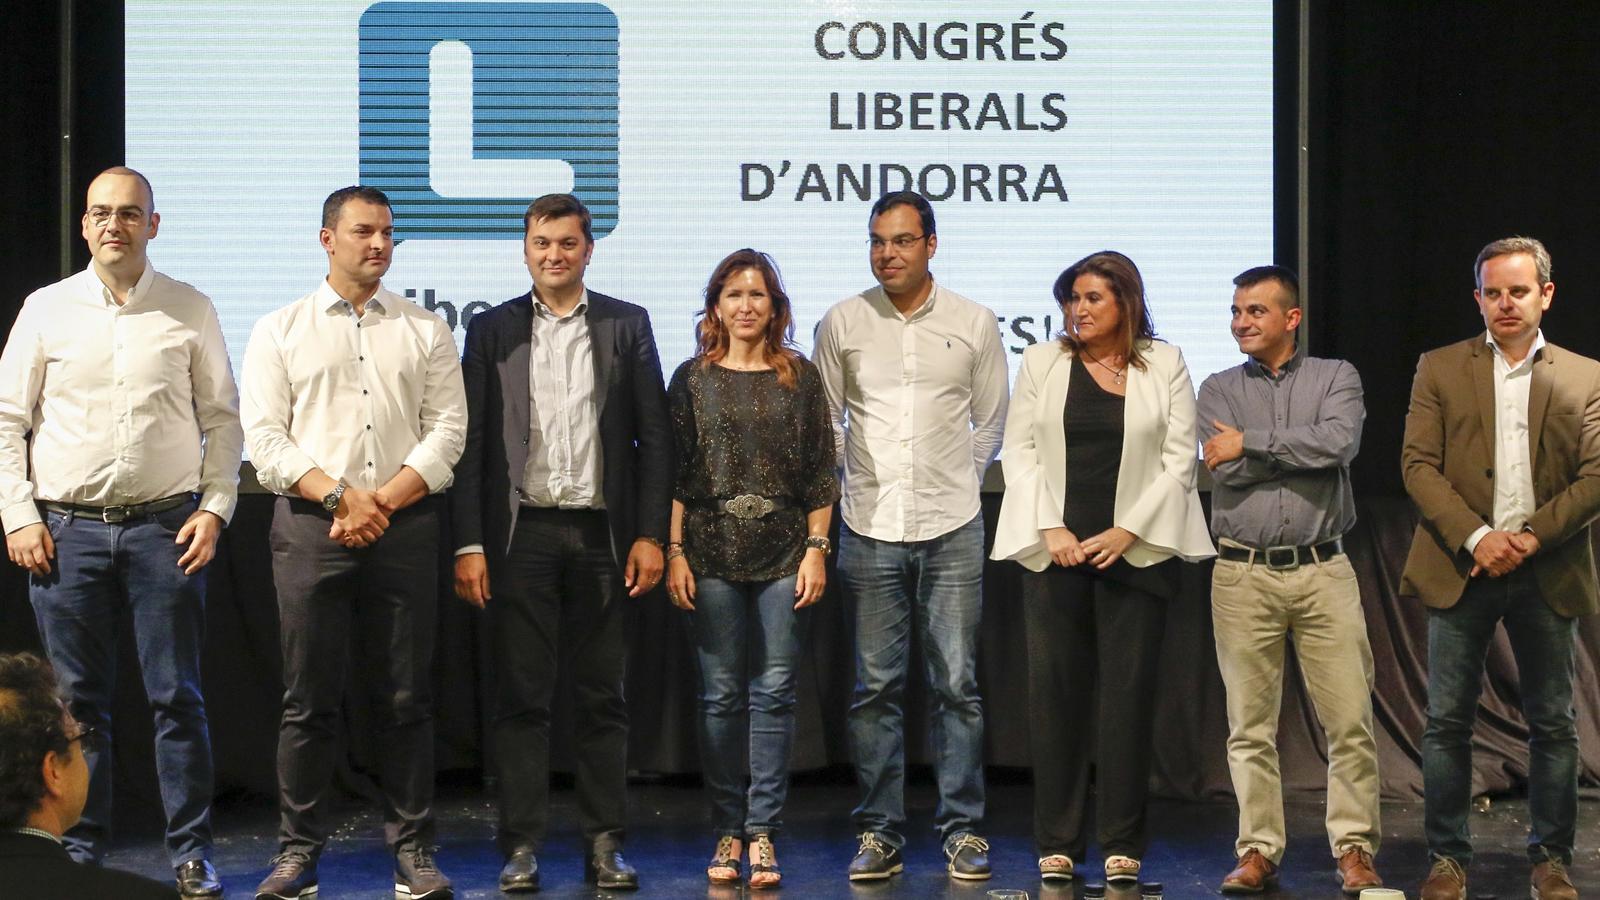 L'executiva liberal, amb Oliver Alís (el segon per la dreta). / LIBERALS D'ANDORRA